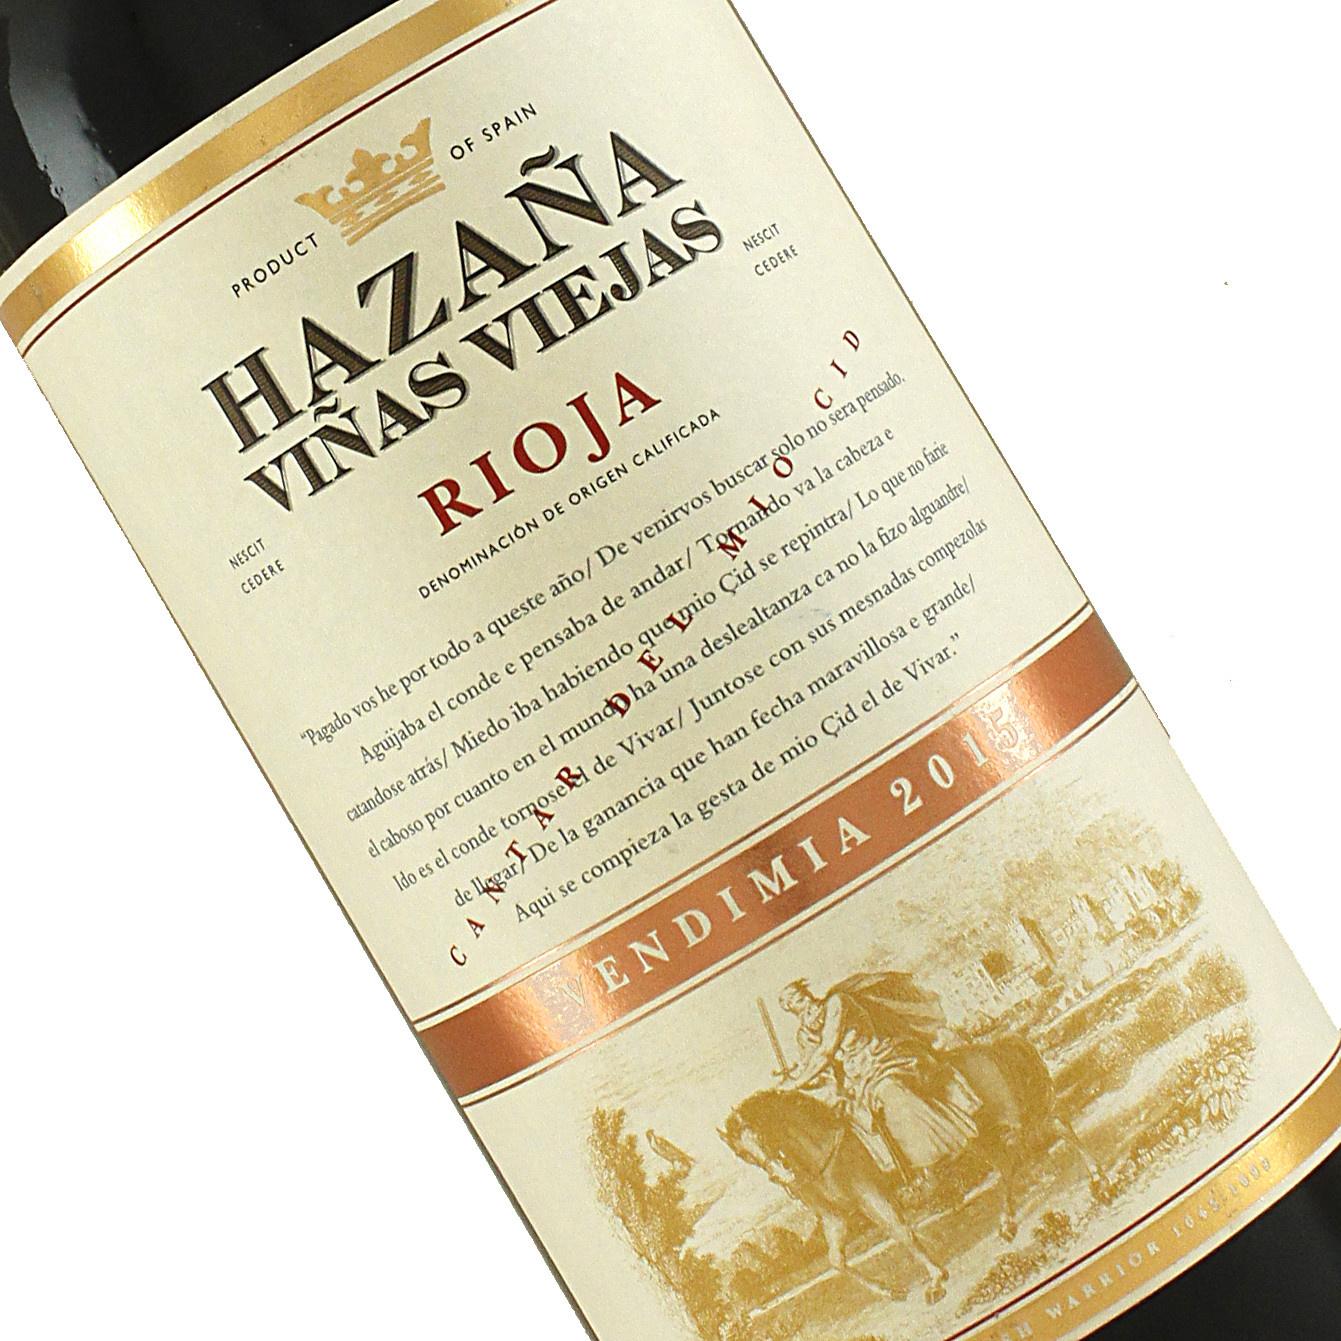 Hazana 2015 Rioja Vinas Viejas, Rioja Spain